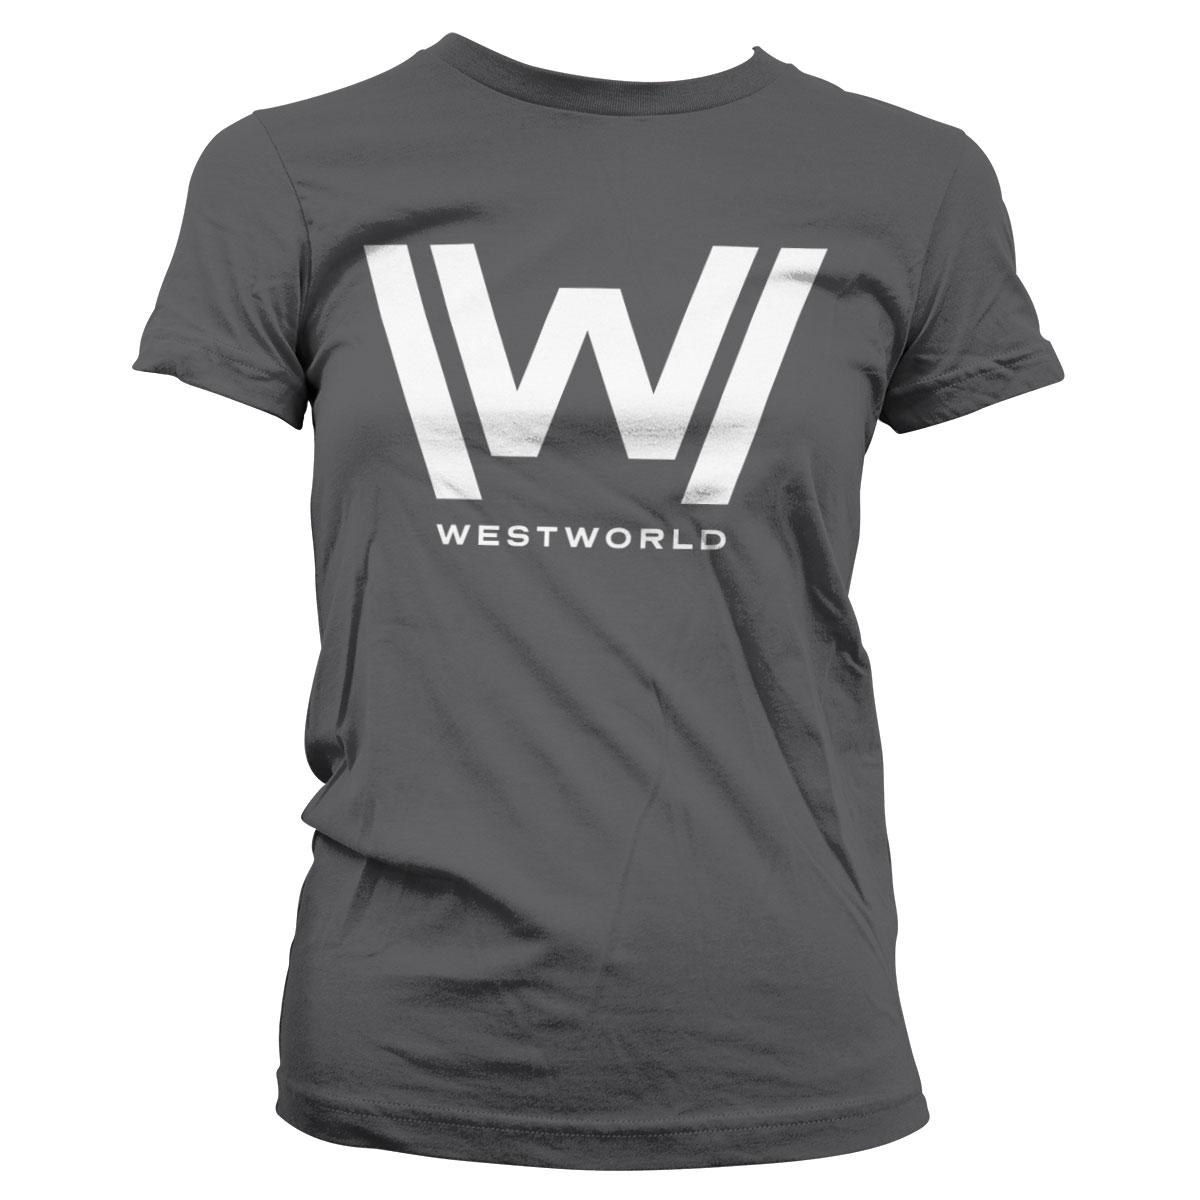 WB-5-WESTW001-AZ